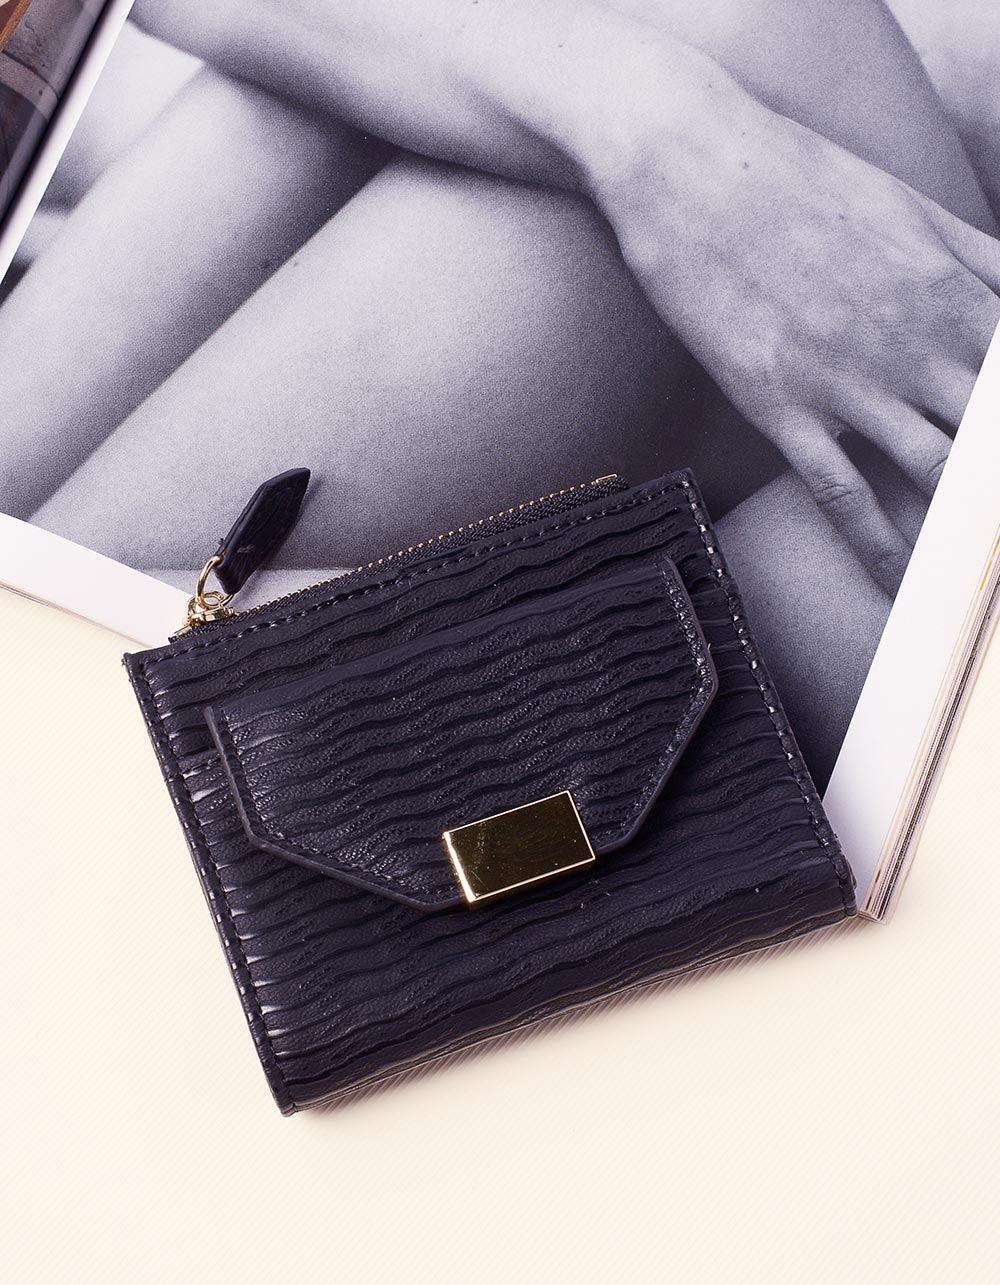 Гаманець портмоне зі смужками | 237642-02-XX